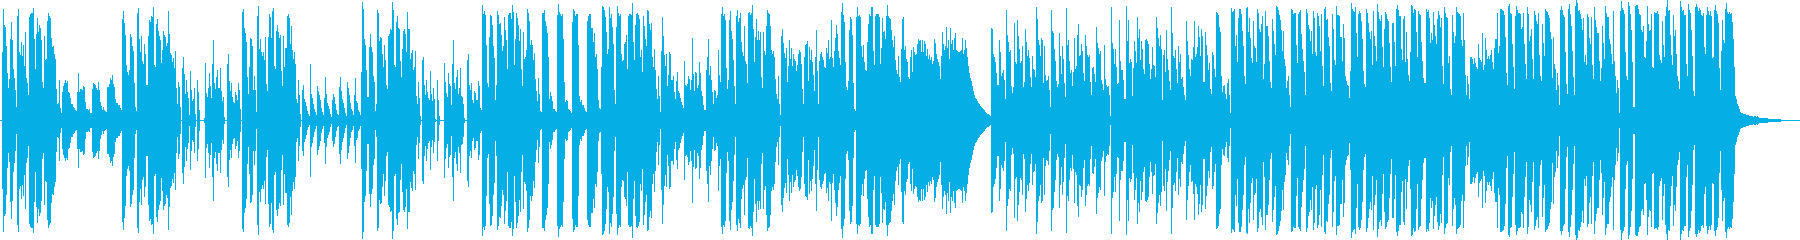 適当にふざけた感じの滑稽な曲(1分間)の再生済みの波形